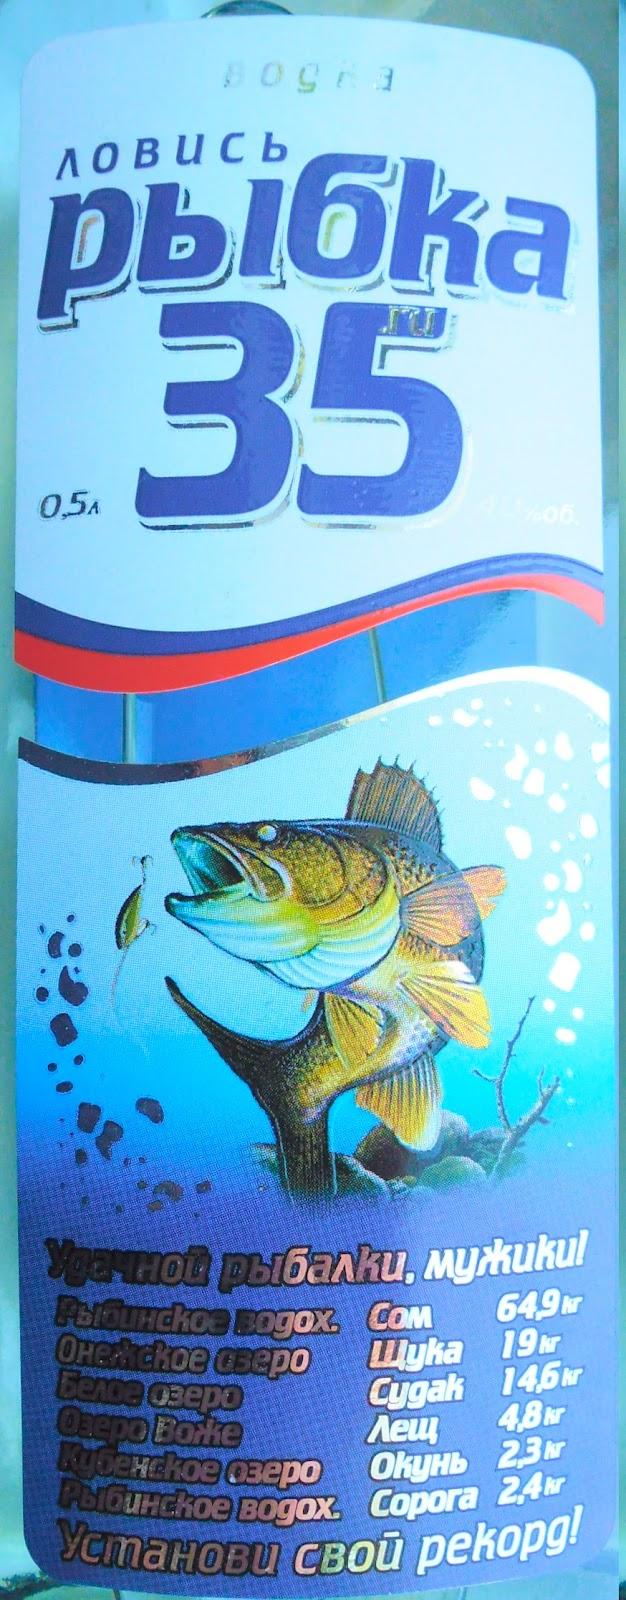 Рыбацкая водка. Этикетка водки череповецкого ЛВЗ